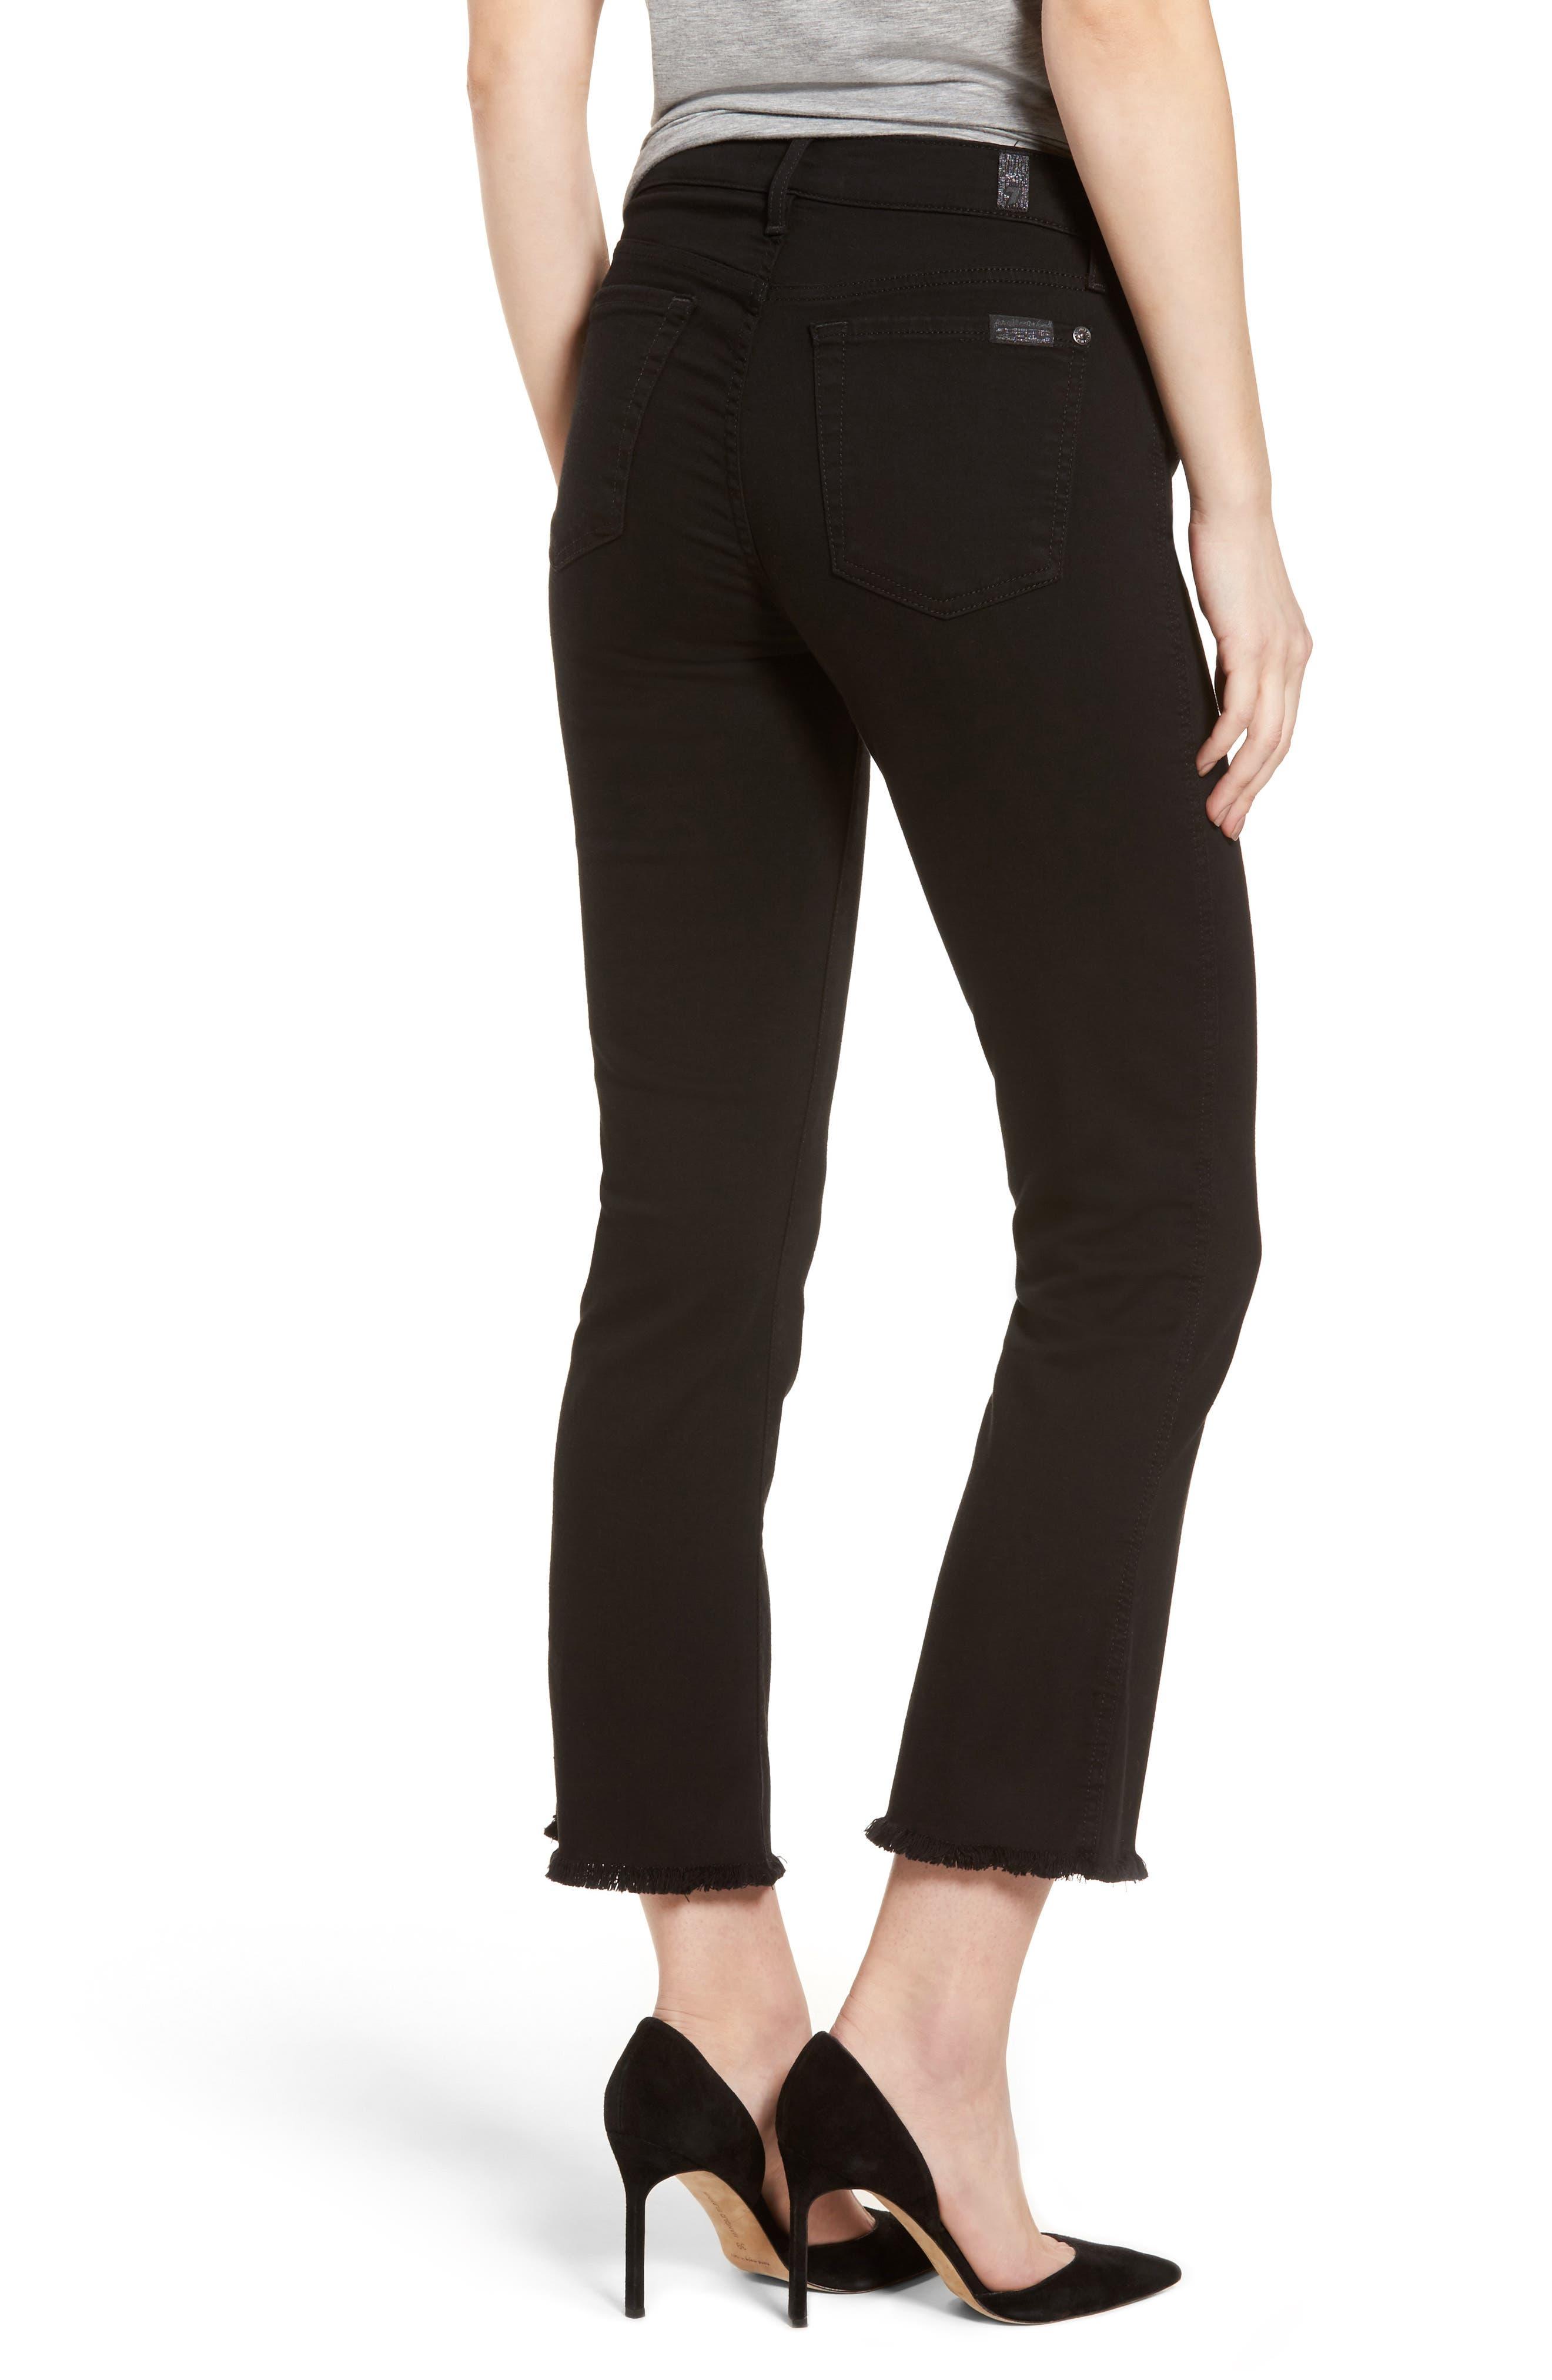 b(air) Crop Bootcut Jeans,                             Alternate thumbnail 2, color,                             B(AIR) BLACK